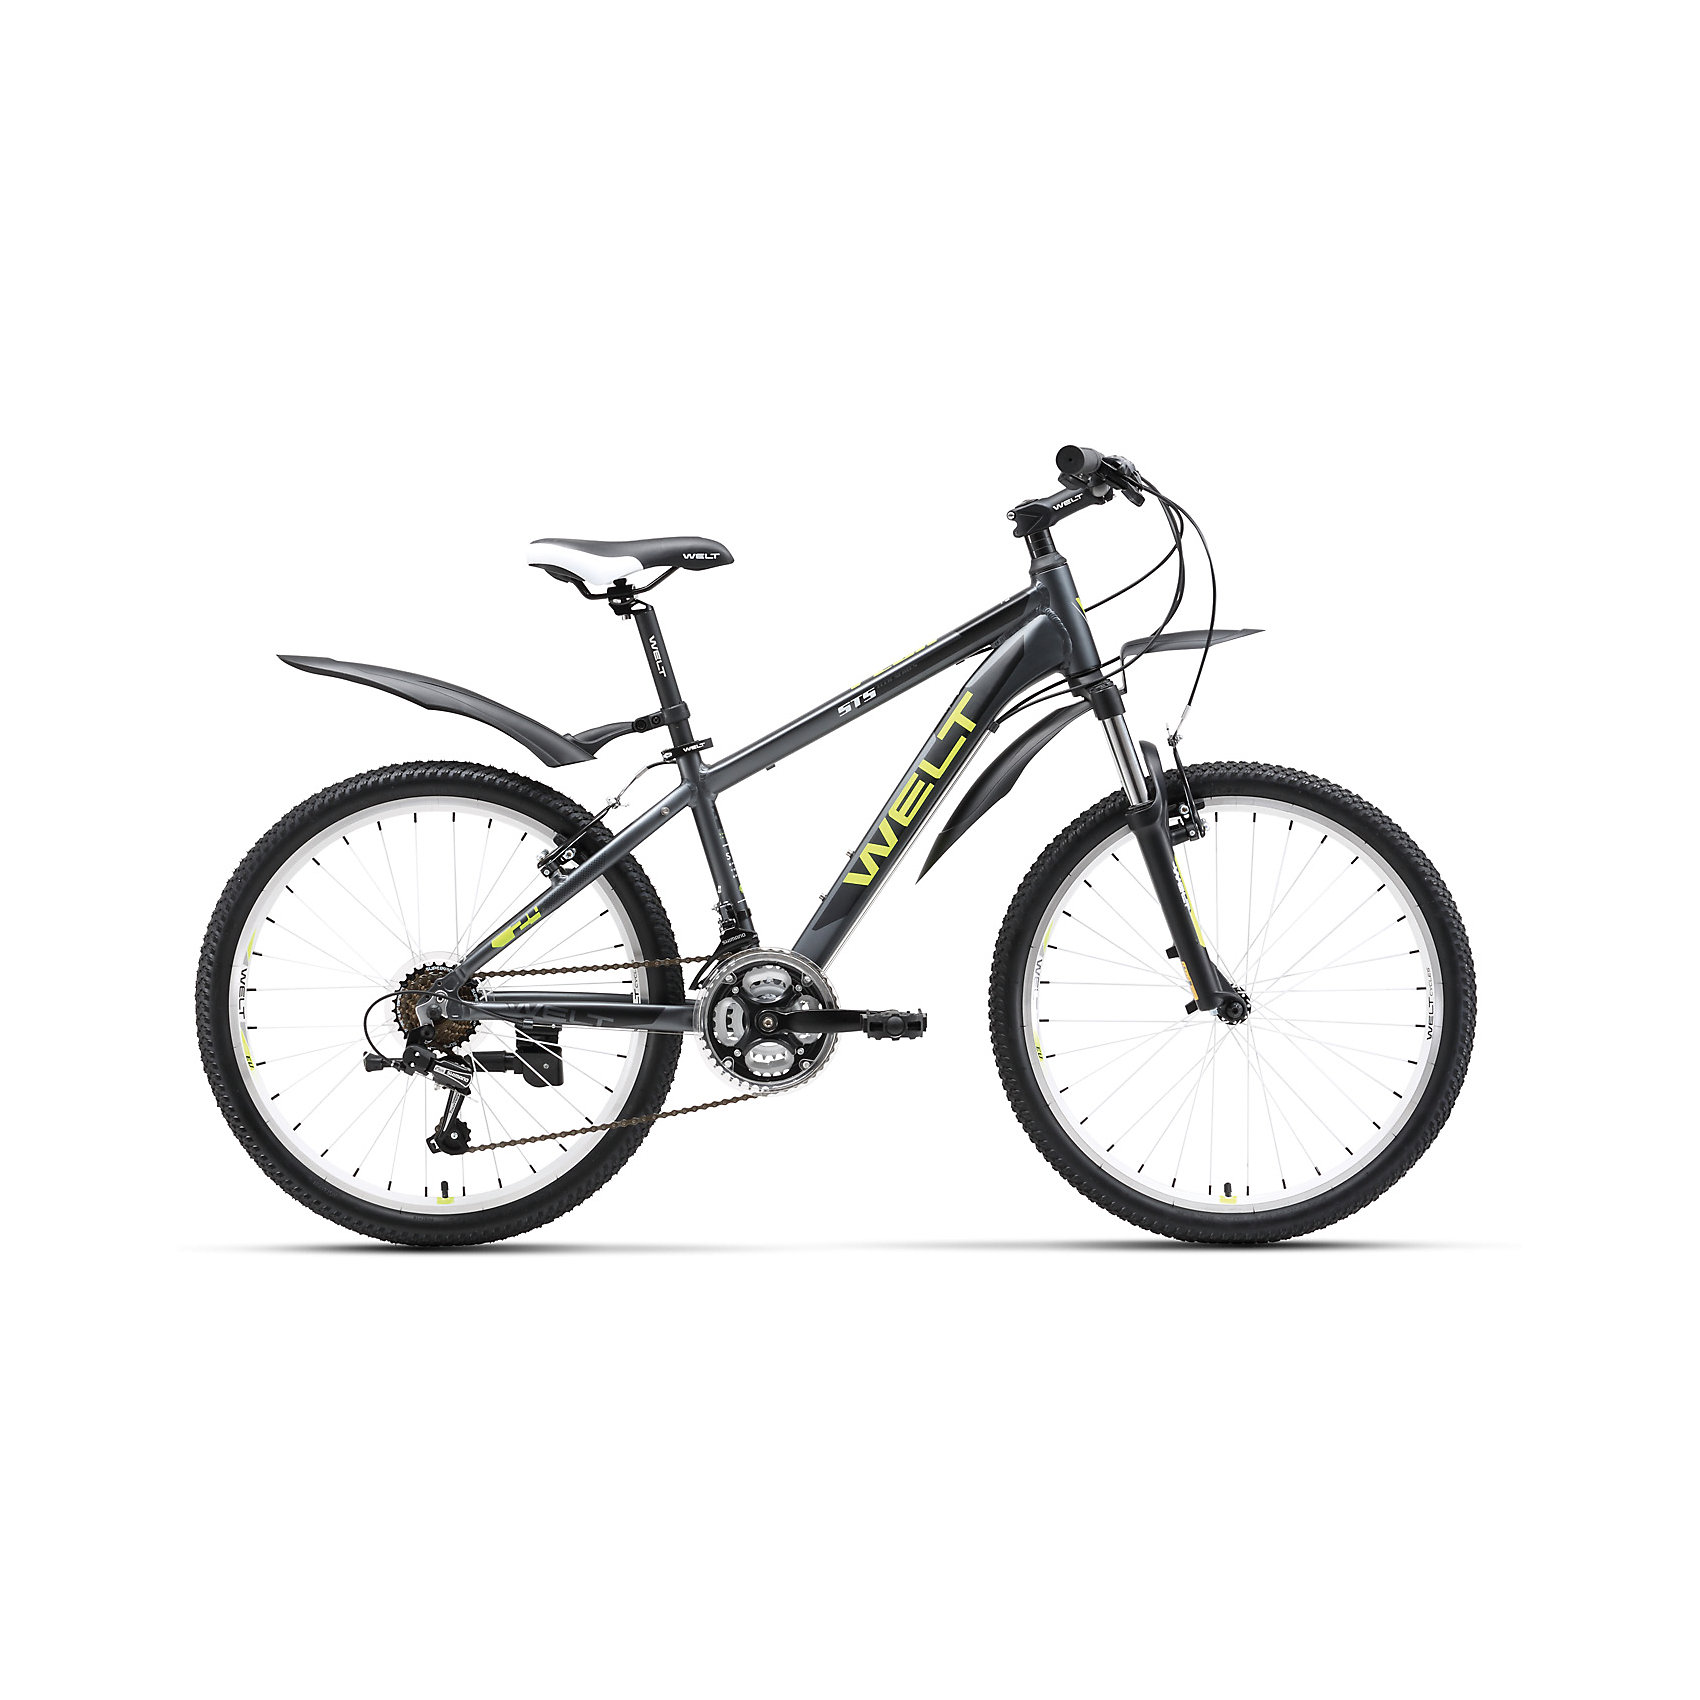 Велосипед  Peak 24, черно-зеленый, WeltВелосипеды детские<br><br><br>Ширина мм: 1450<br>Глубина мм: 200<br>Высота мм: 800<br>Вес г: 16500<br>Возраст от месяцев: 48<br>Возраст до месяцев: 2147483647<br>Пол: Унисекс<br>Возраст: Детский<br>SKU: 5569440